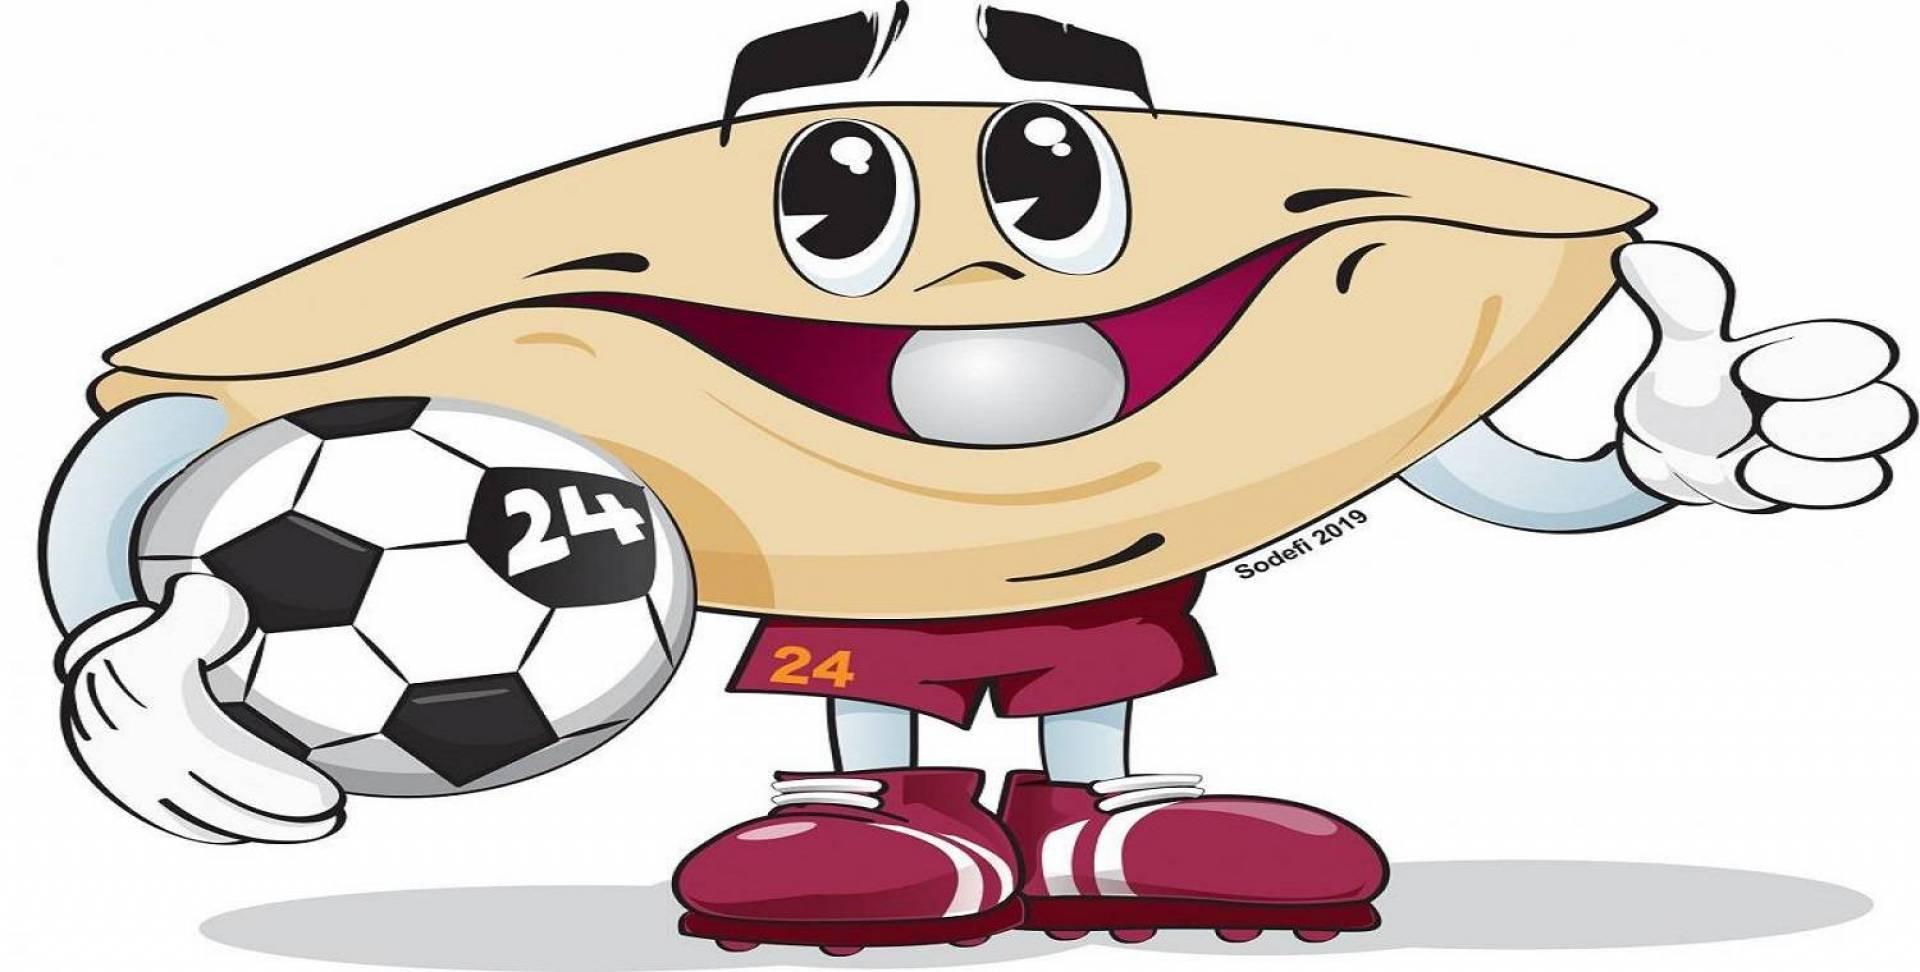 «خليجي 24» تبدأ اليوم بلقاء منتخبات قطر والعراق والإمارات واليمن